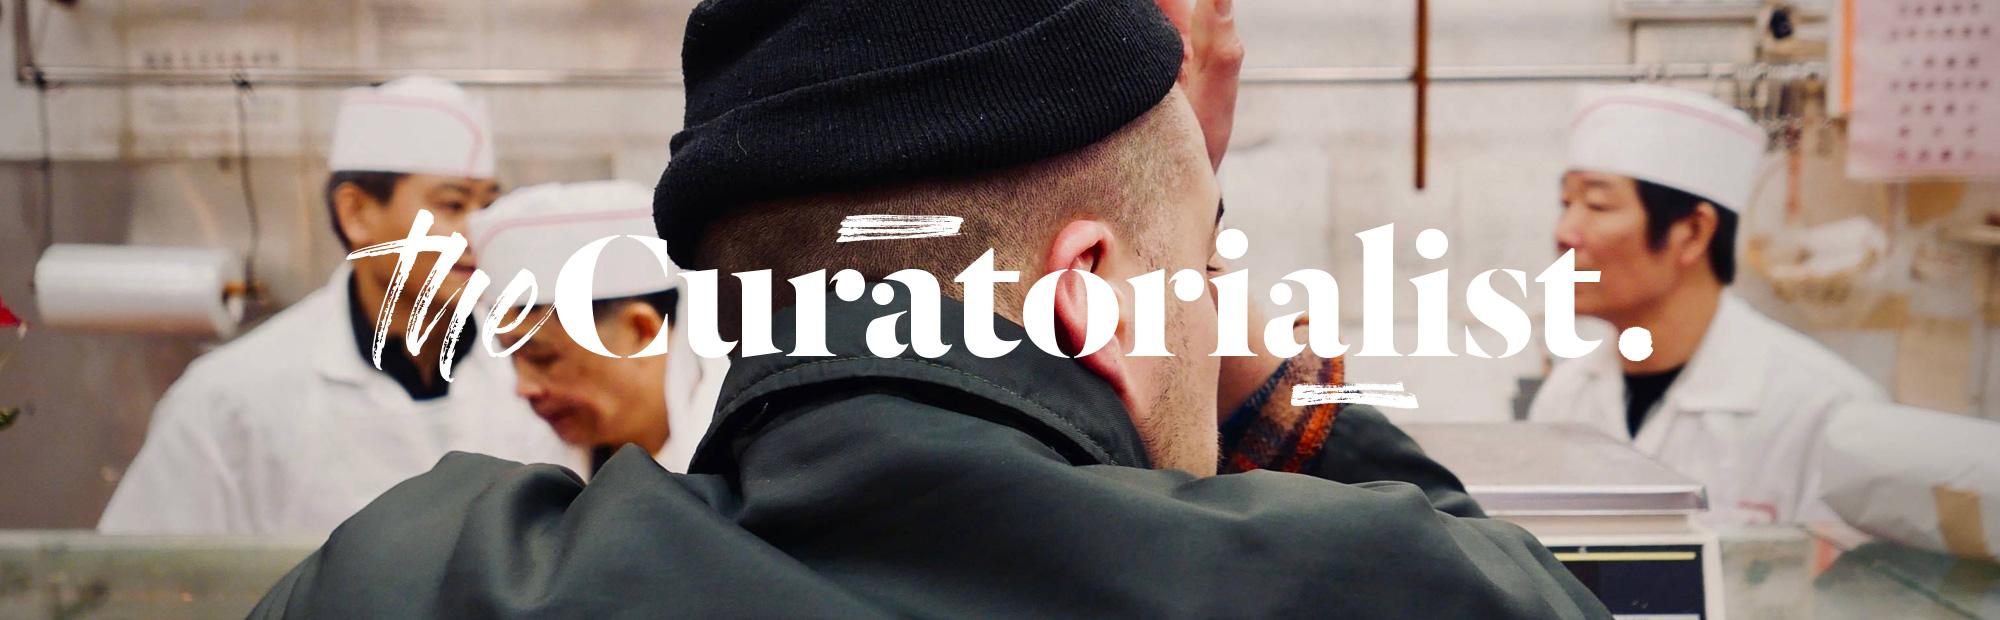 nextwork_curatorialist3